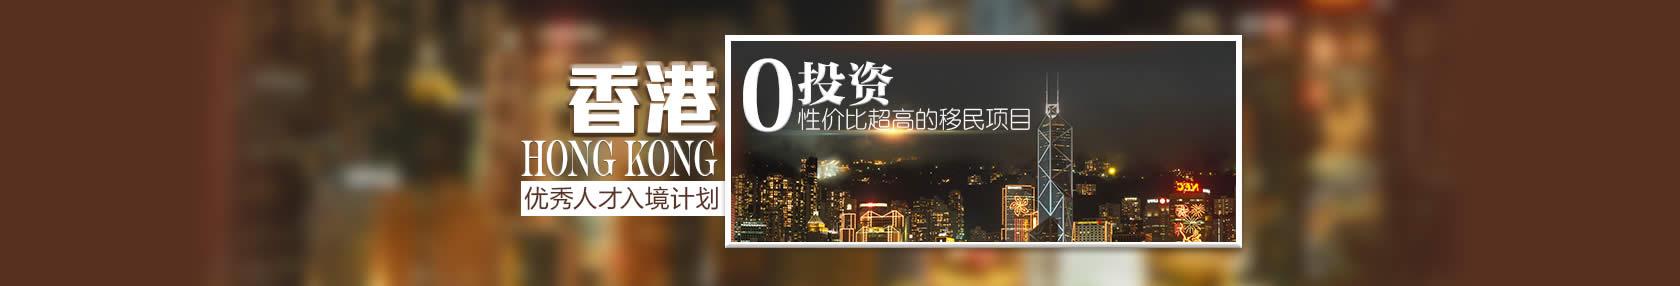 香港优秀人才入境计划,无需投资超高性价比移民香港项目